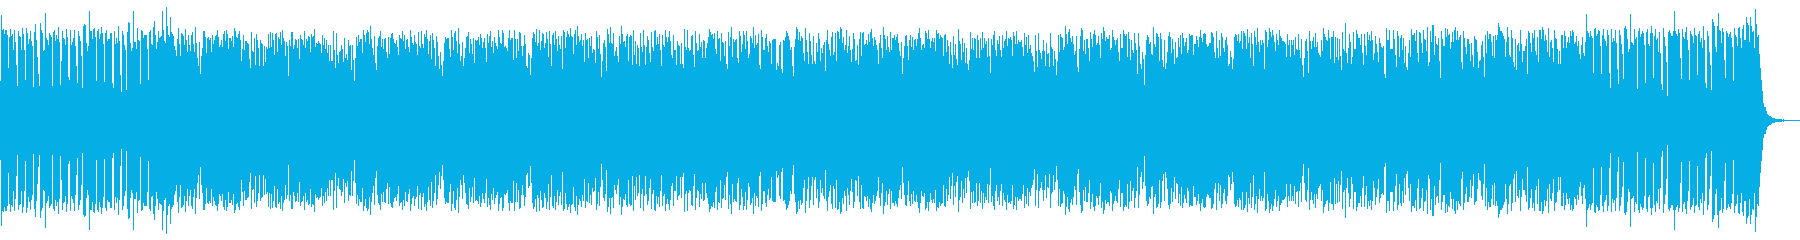 ジャズ・幻想的・ピアノ・綺麗の再生済みの波形